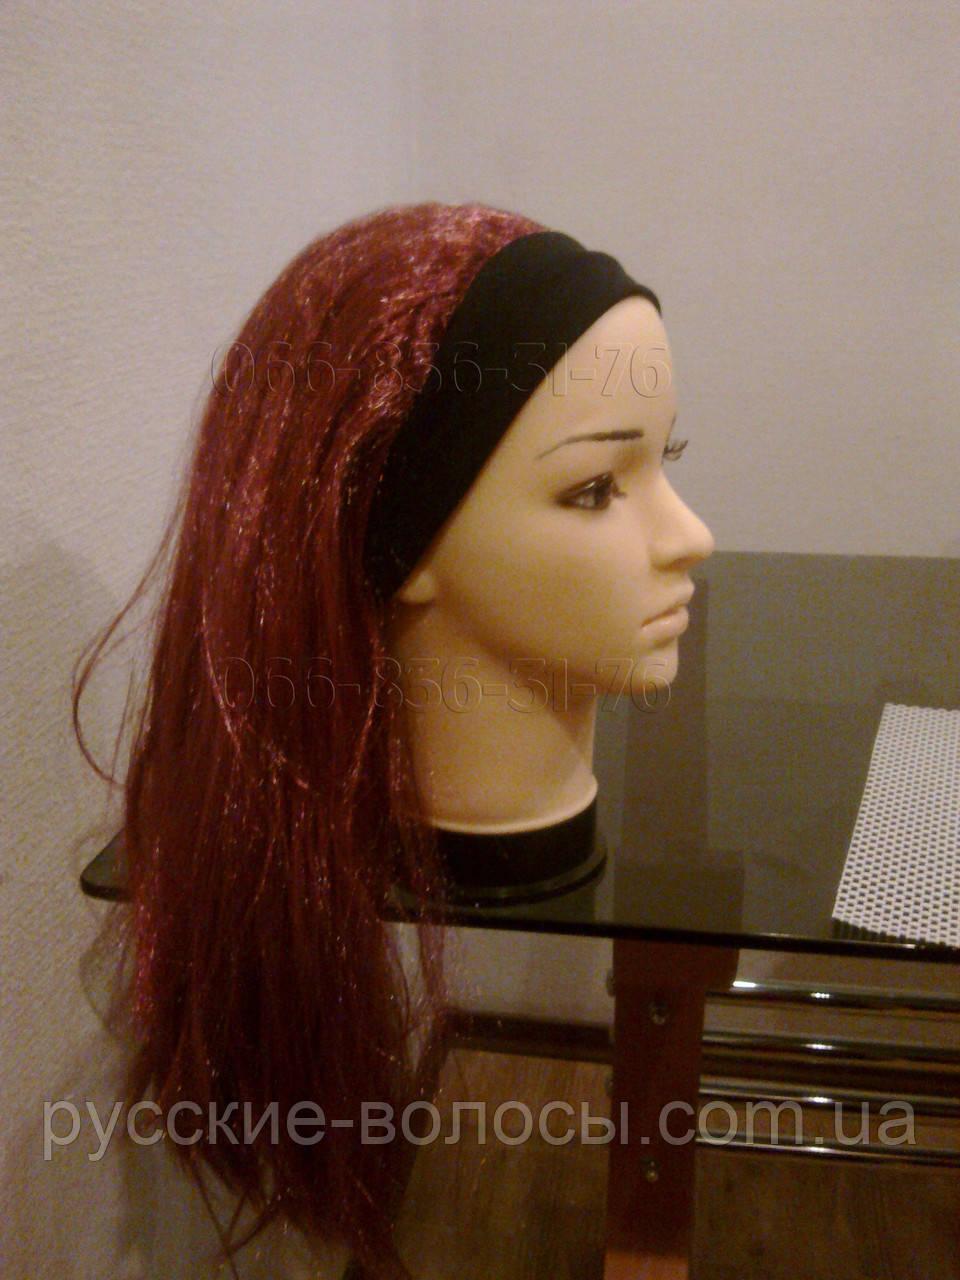 ОКОНЧАТЕЛЬНАЯ РАСПРОДАЖА ОСТАТКОВ!  Рыжий парик на резинке